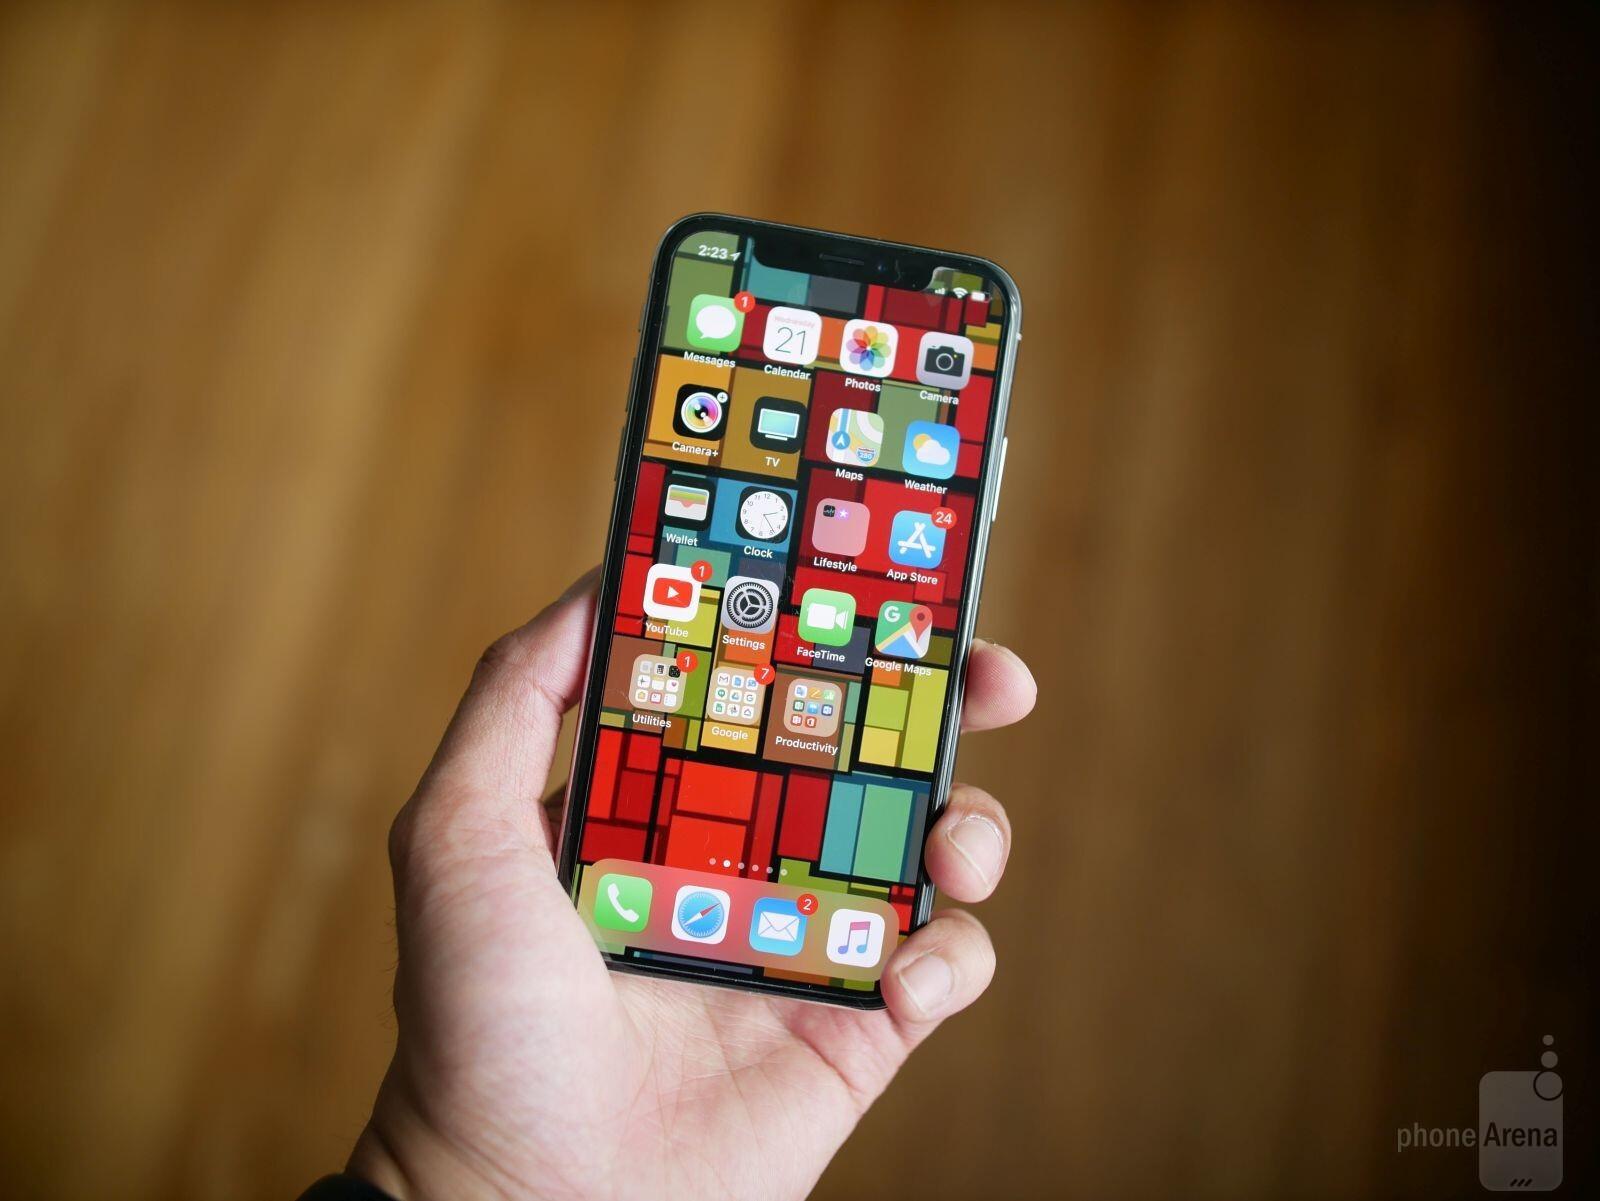 Iphone S Manual Roam